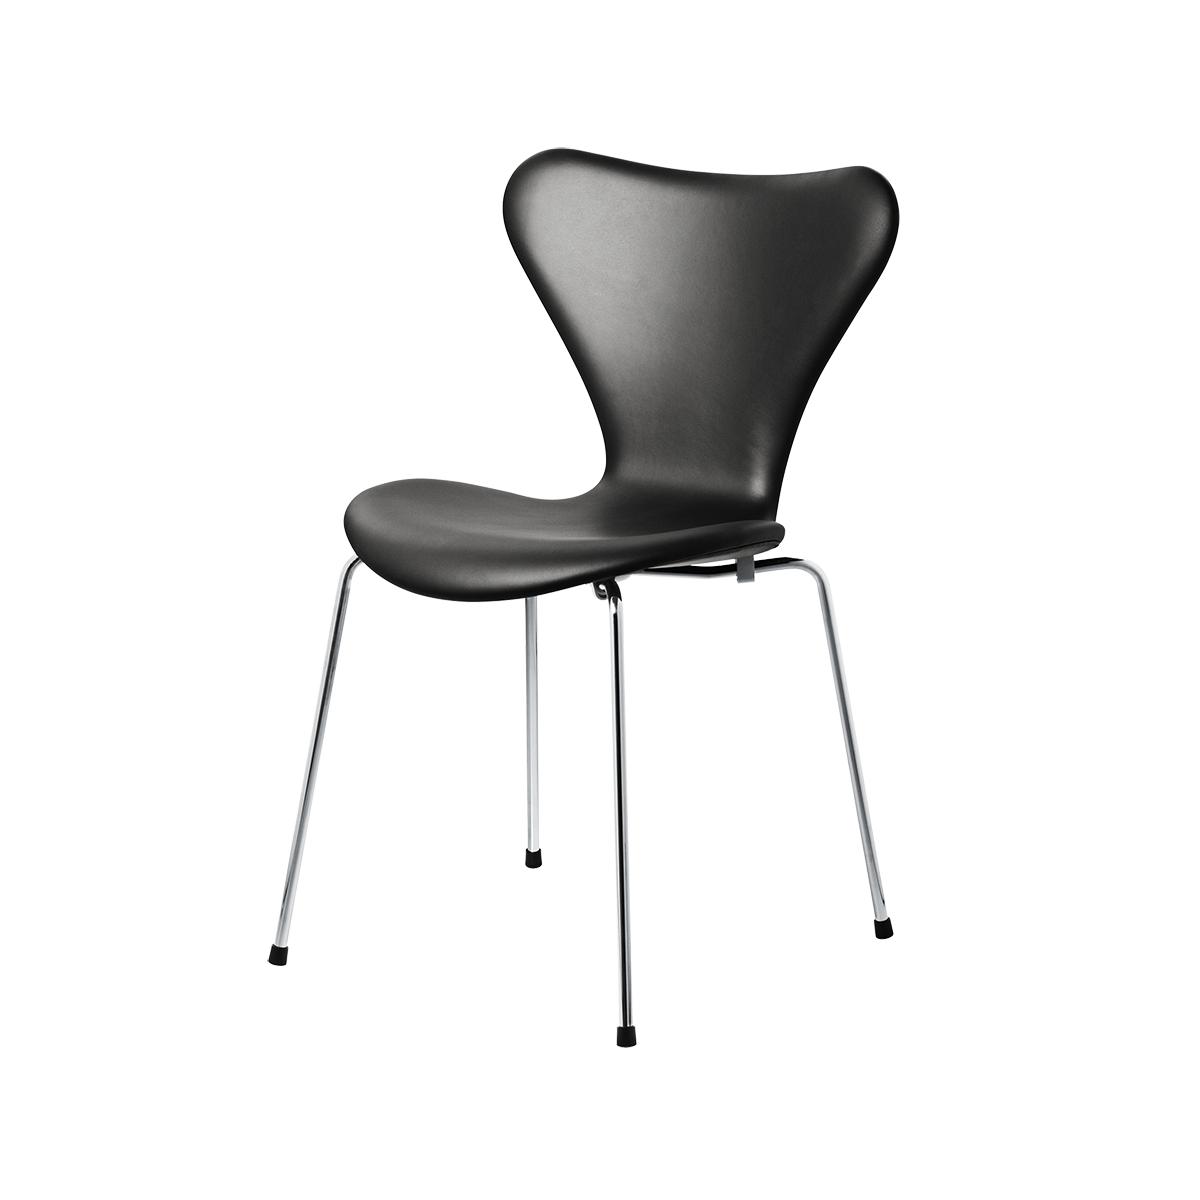 Fantastisk 3107 Stol, Fuldpolstret Sort Basic Læder - Spisebordsstole - Heile QU23